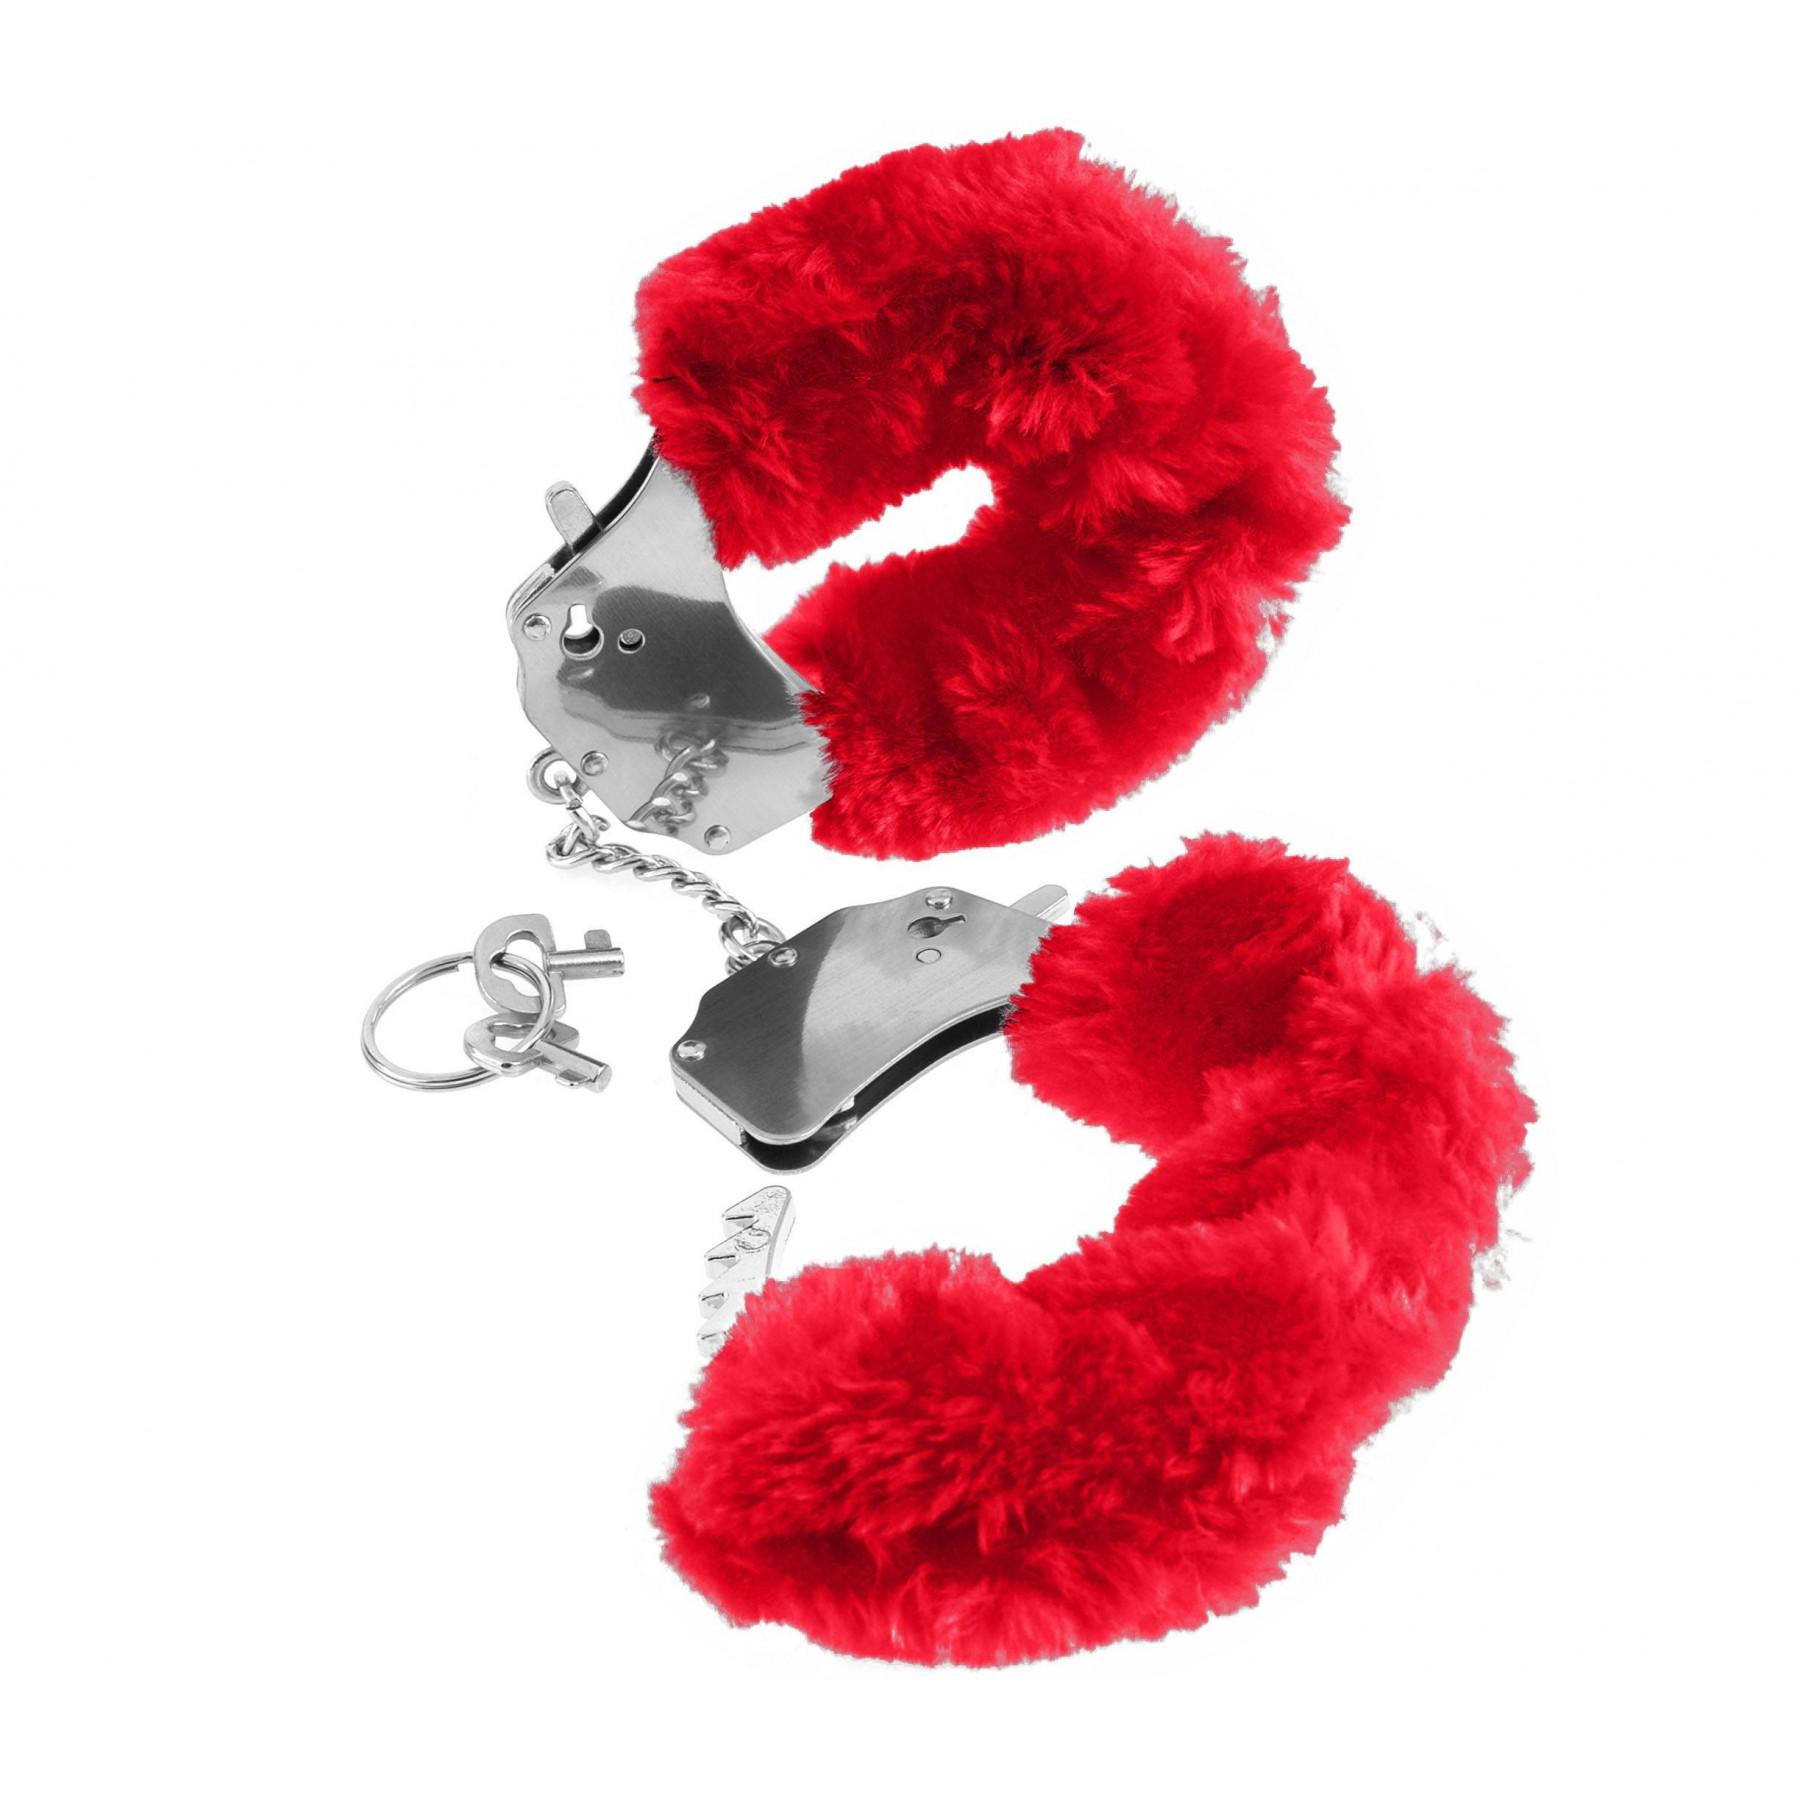 Manette in metallo eco pelliccia rossa